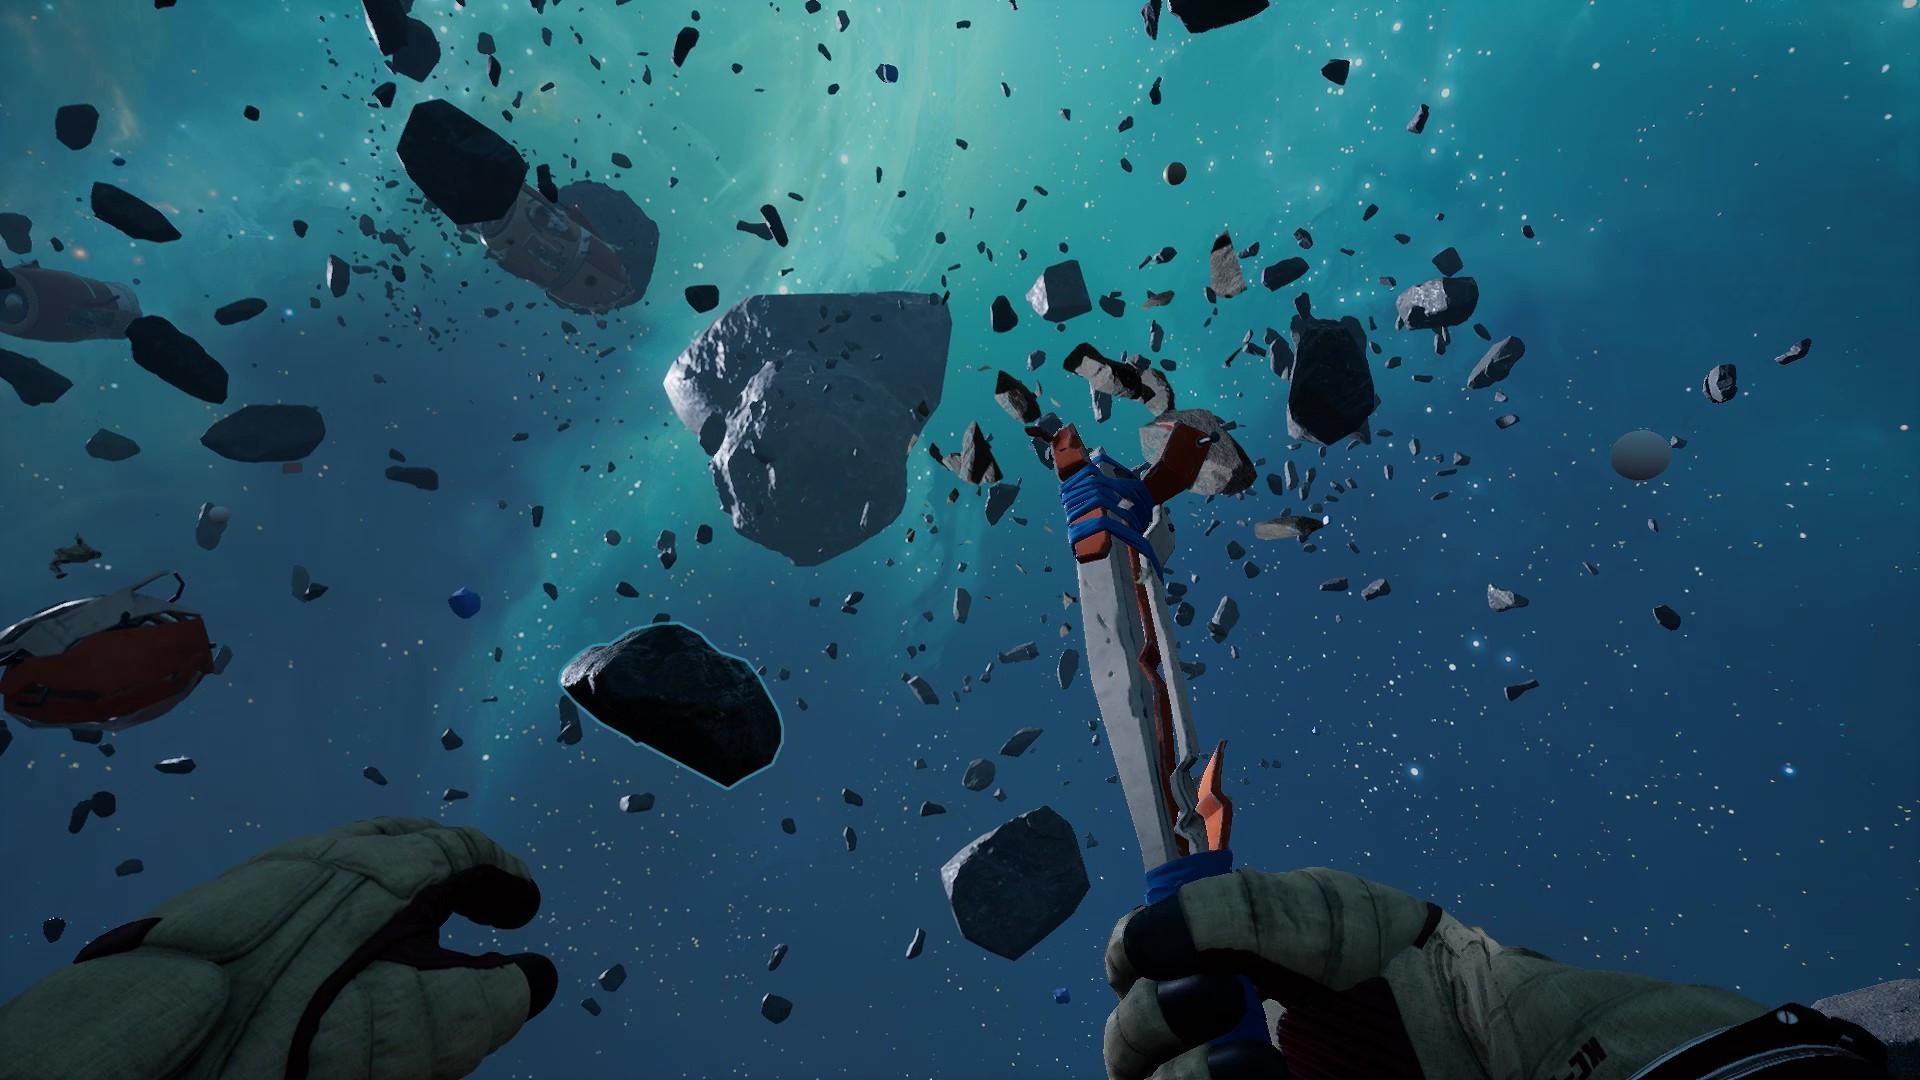 В Steam вышел Breathedge — выживастик с летающими трупами, крафтом из презервативов и бессмертной курицей. И все это в космосе!